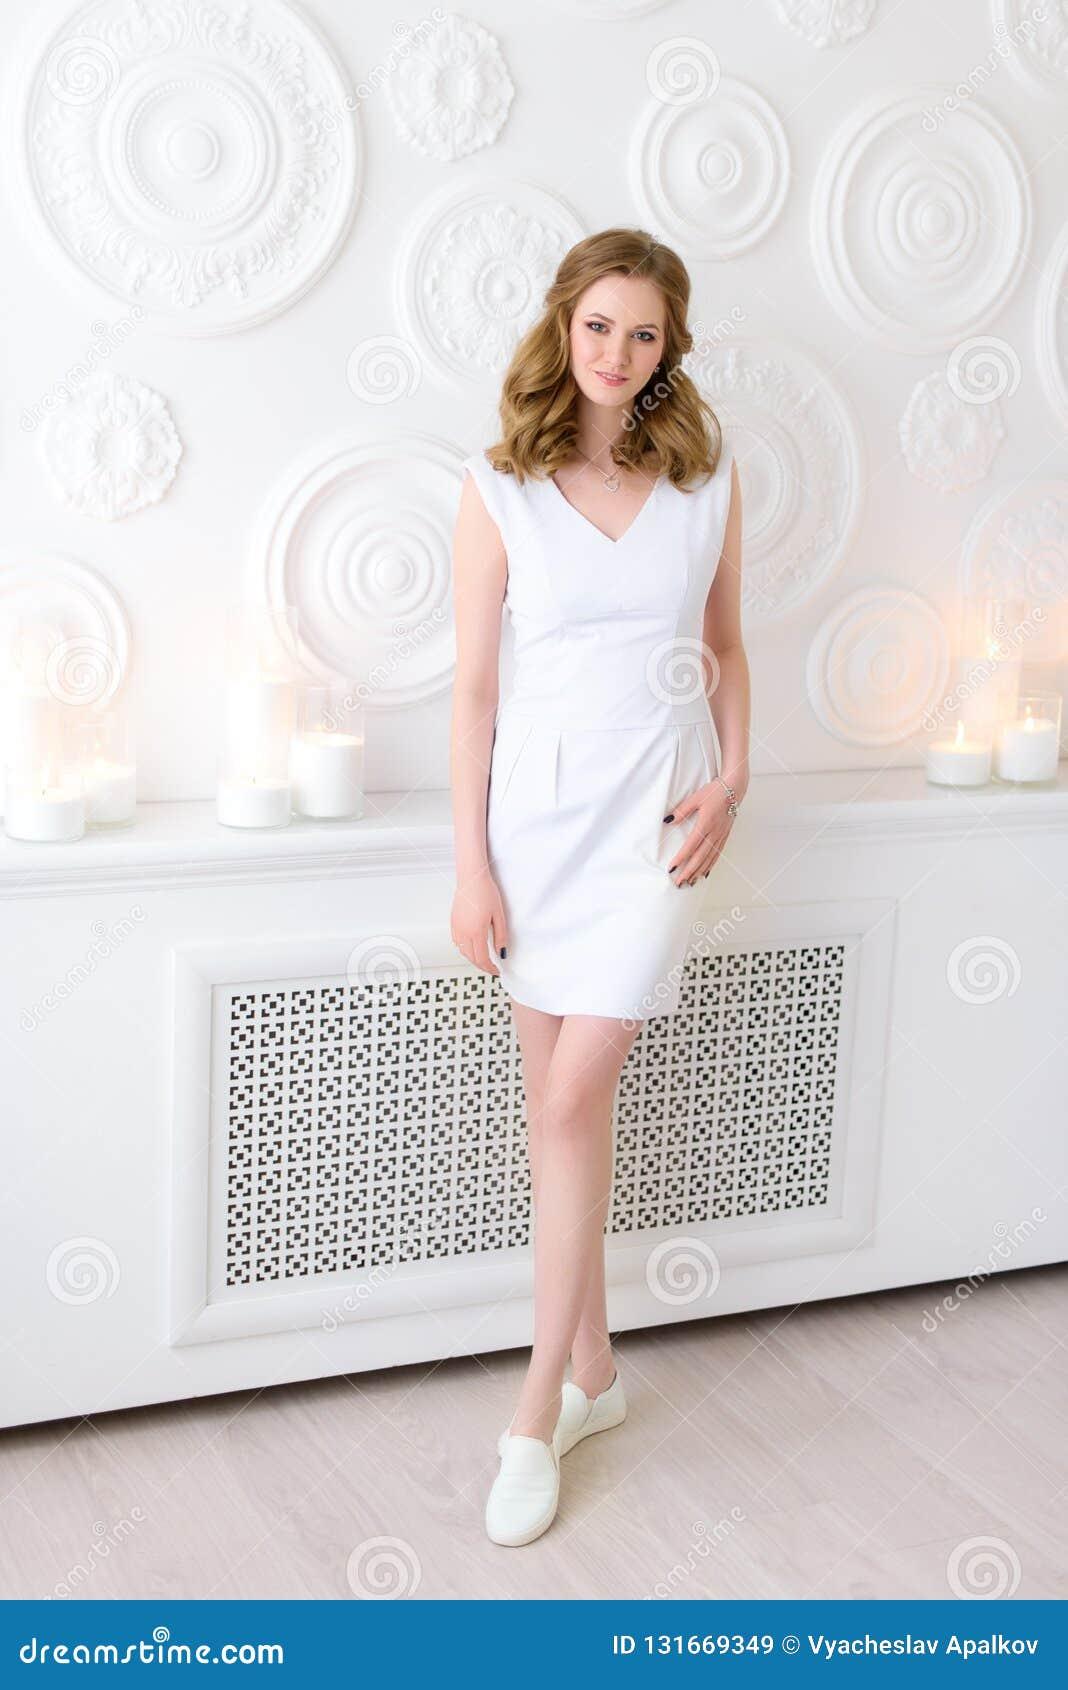 Comprimento completo de uma menina elegante na roupa justa e em um sorriso encantador em uma sala razoavelmente decorada 20 anos